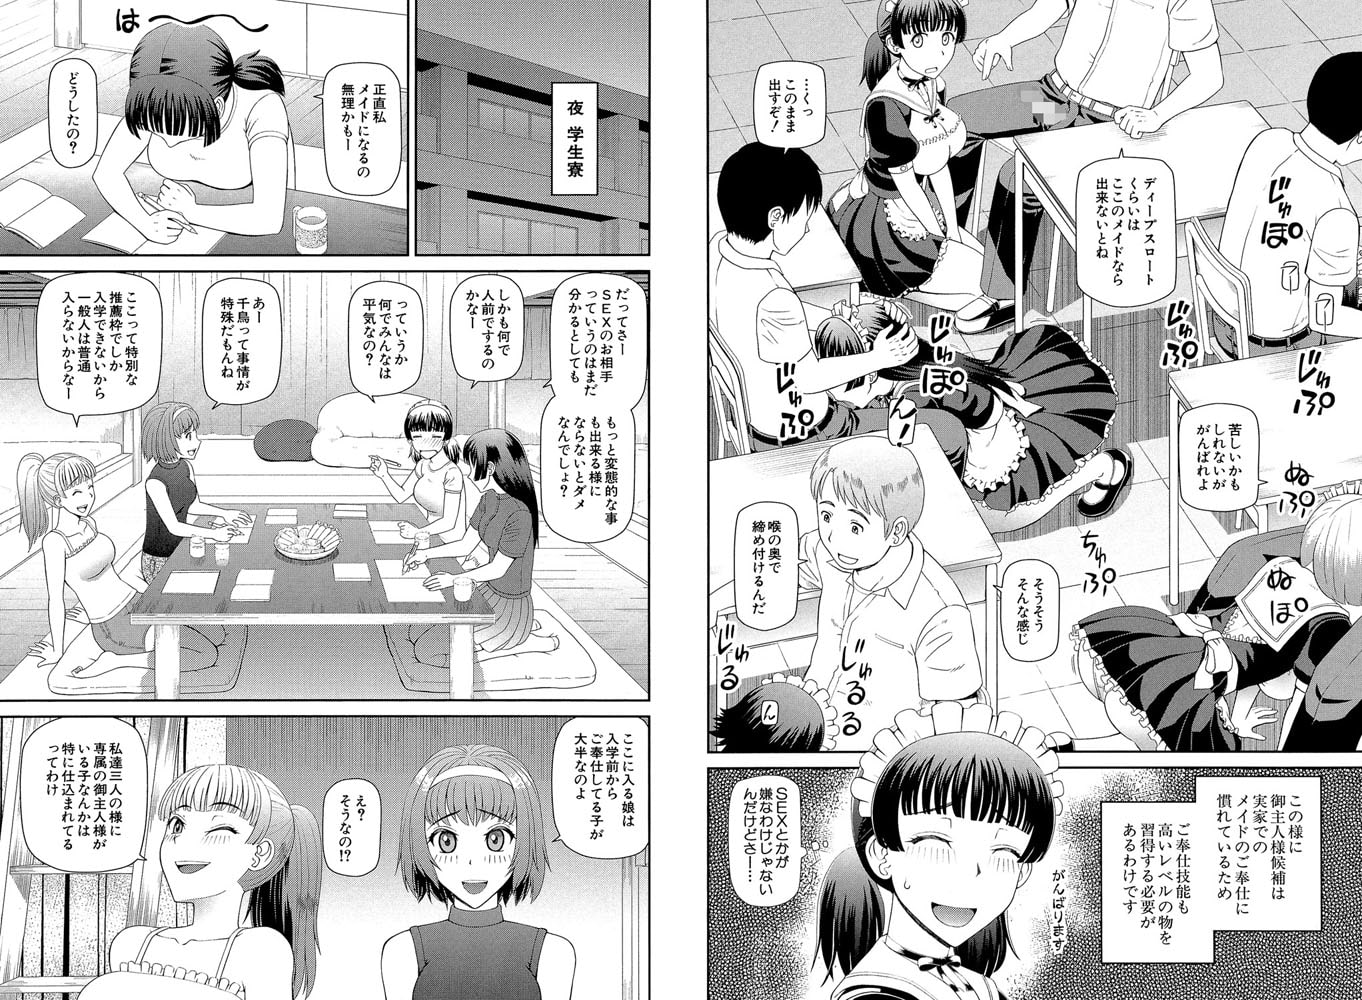 【ティーアイネット】樺島あきら先生 2冊パック(202005)